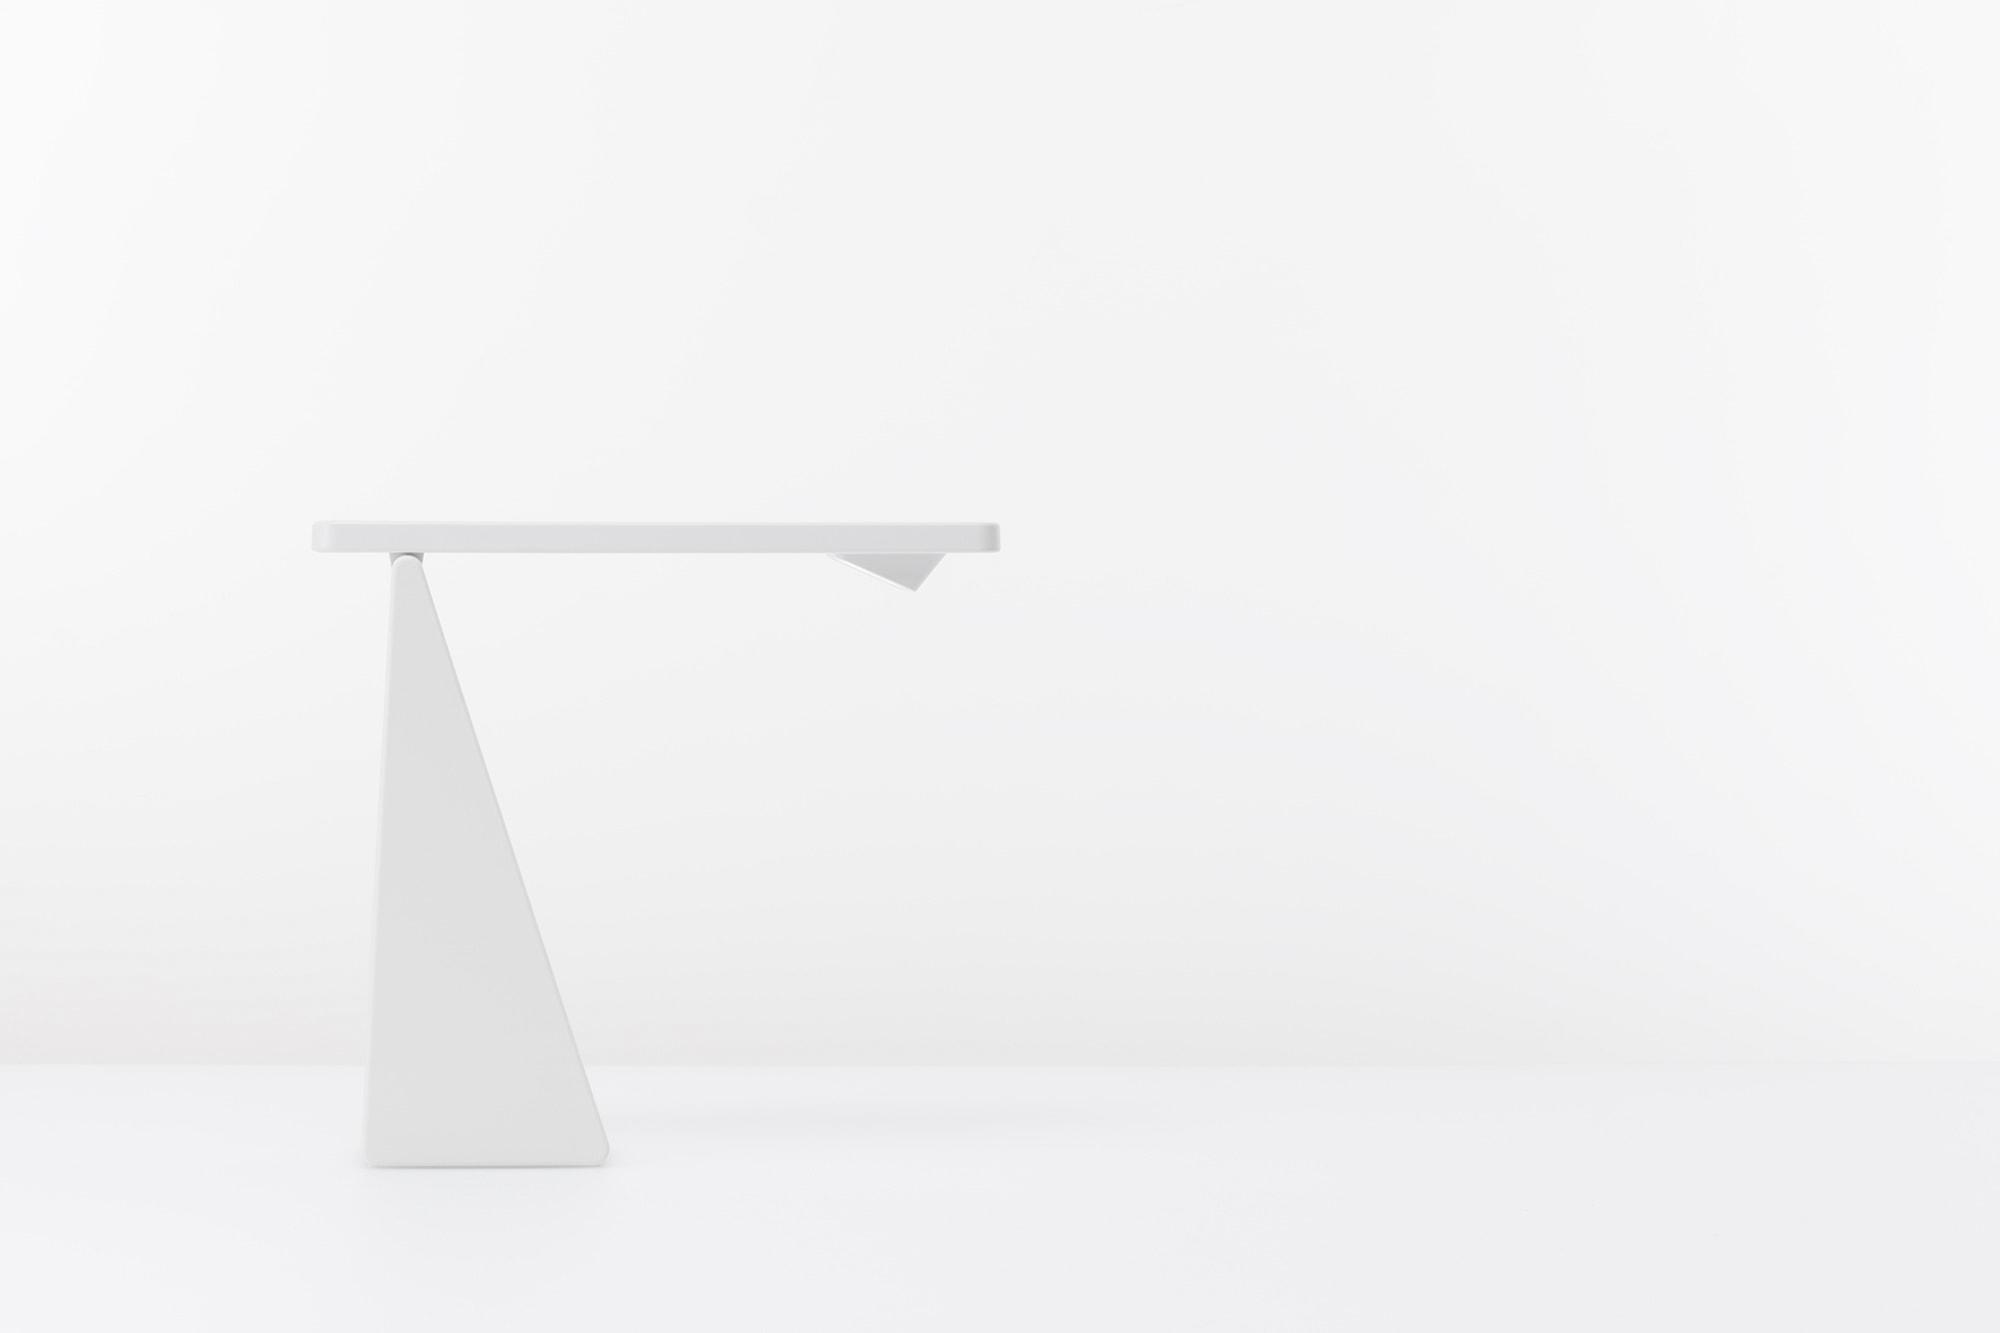 Tabla de luz - Minimalissimo